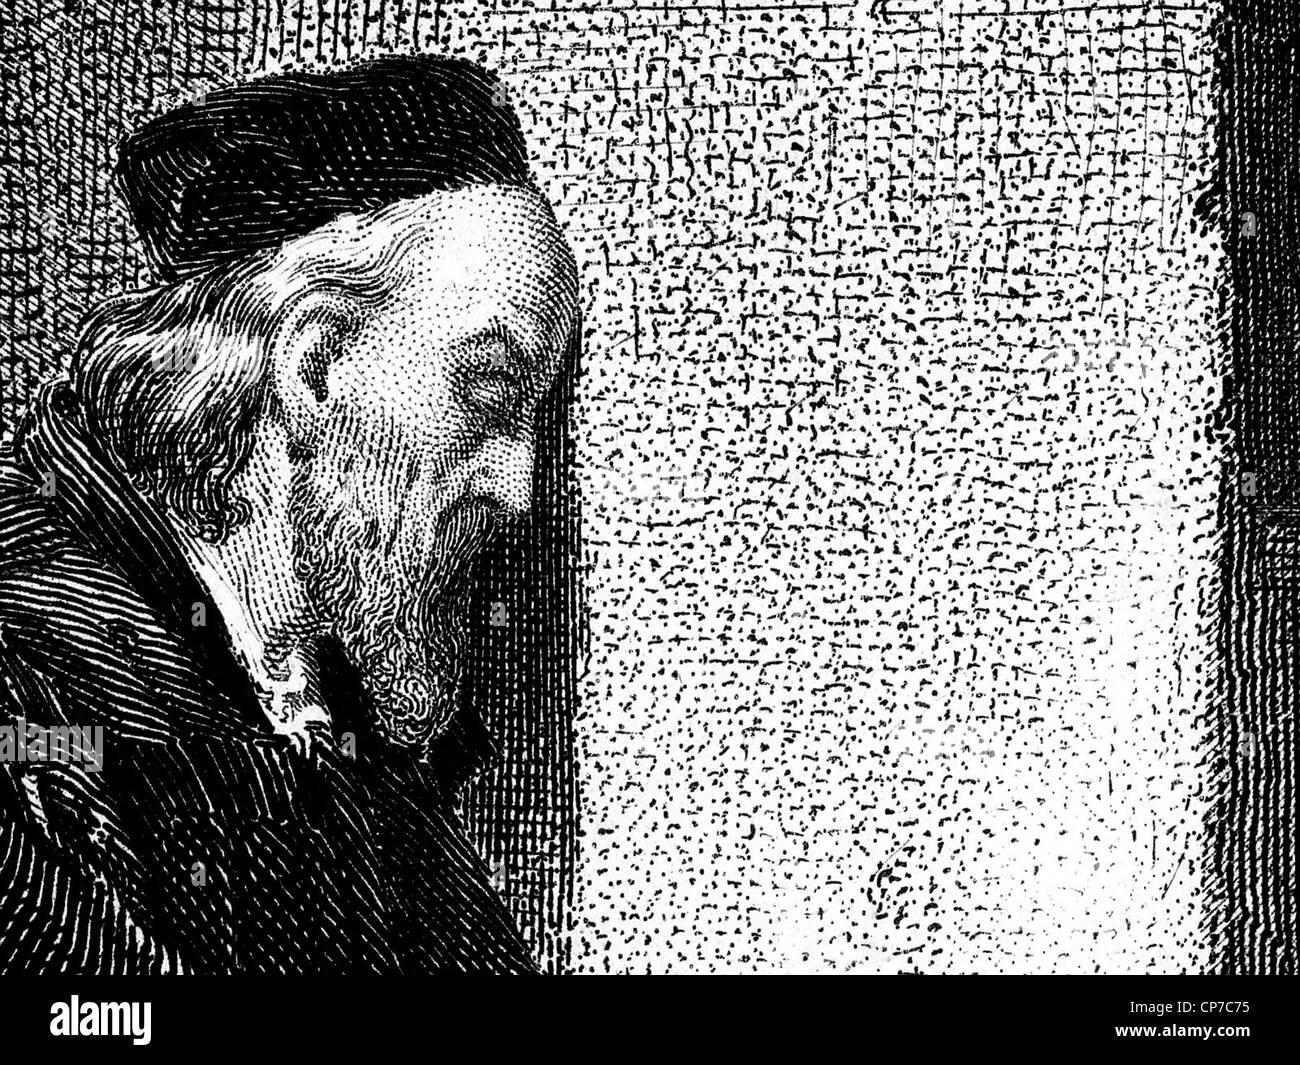 Holzschnitt-Gravur von Sir oder Saint Thomas Moore, englischer Jurist, Sozialphilosoph, Schriftsteller und Staatsmann. Stockbild